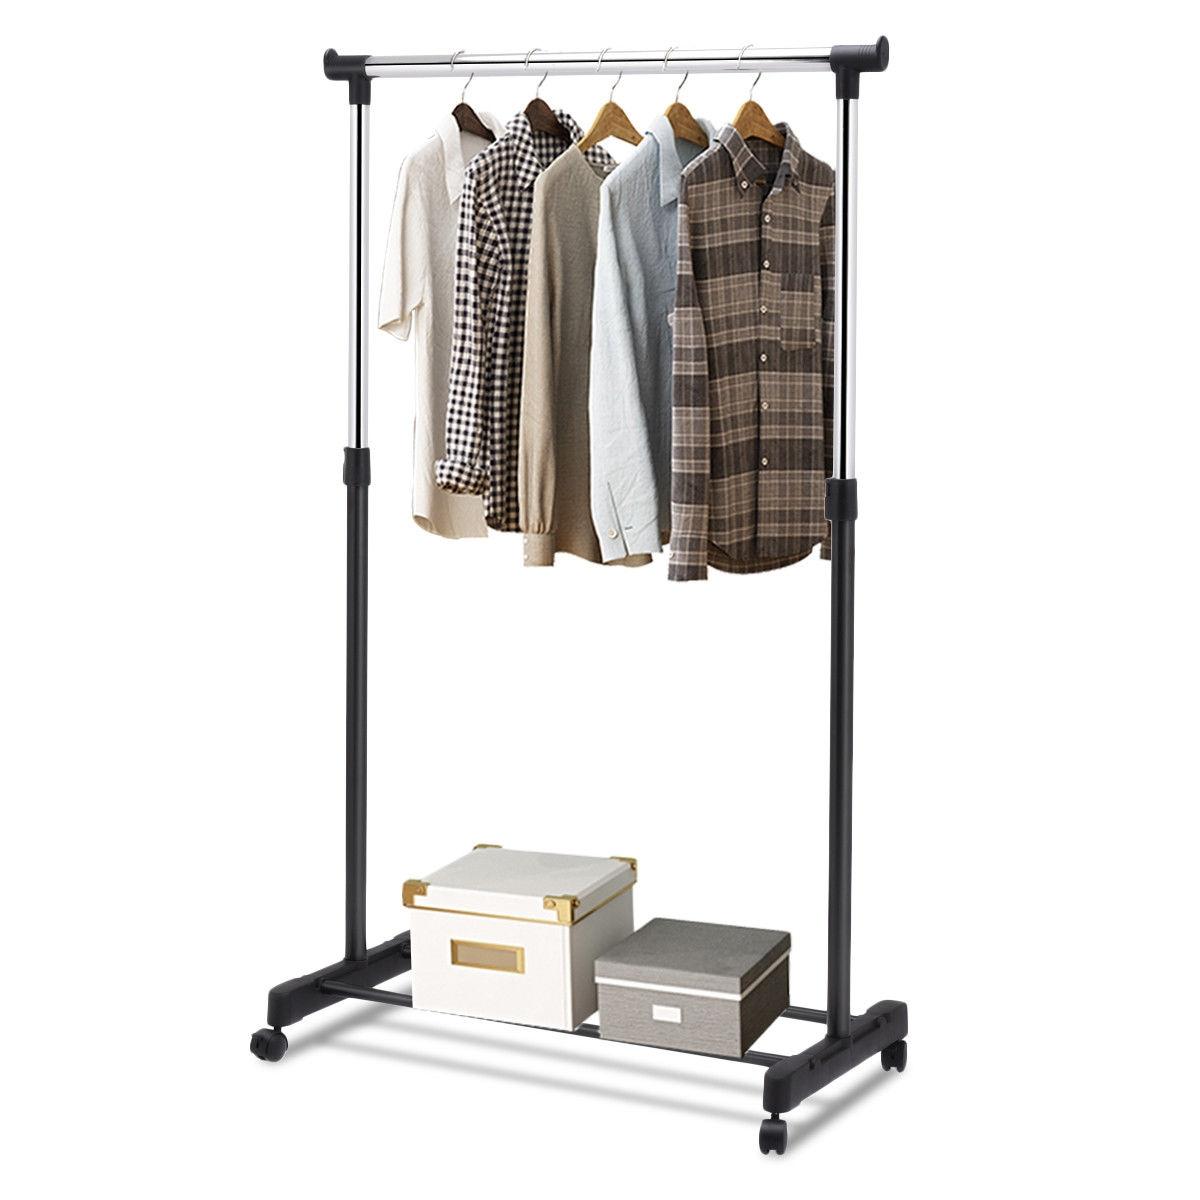 Adjustable Rolling Garment Rack Clothes Hanger